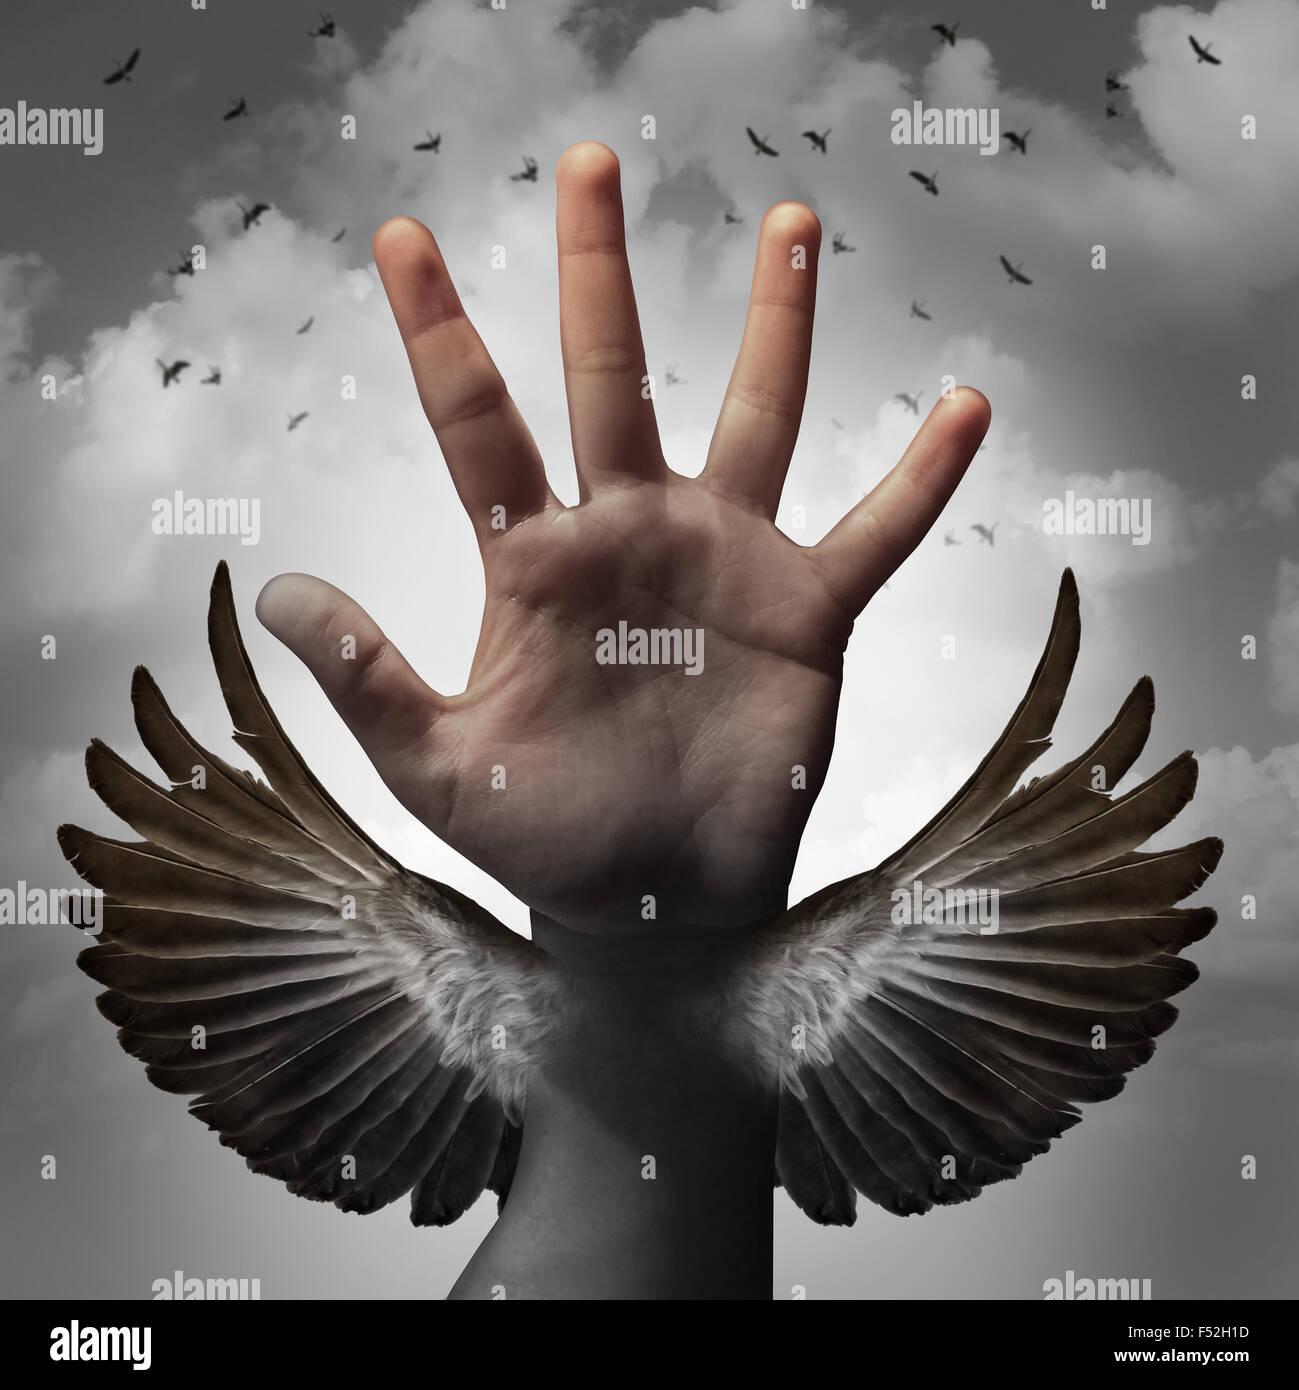 Bauen Selbstvertrauen Konzept und glauben an Inneres Potential als Mensch hand Umwandlung in einen Vogel Flügel Stockbild